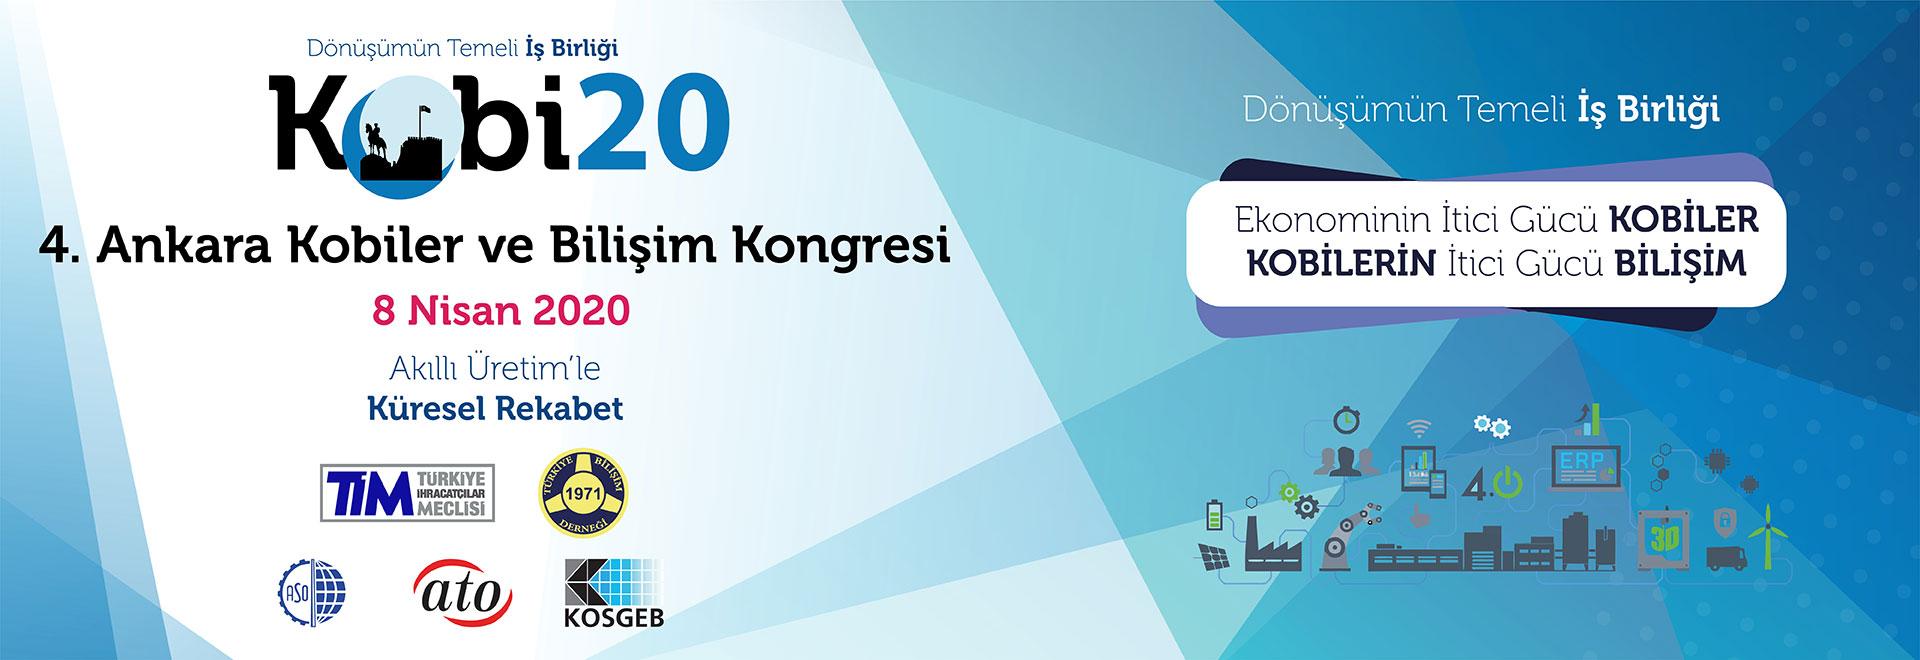 Kobiler ve Bilişim Kongresi 2020 Ankara